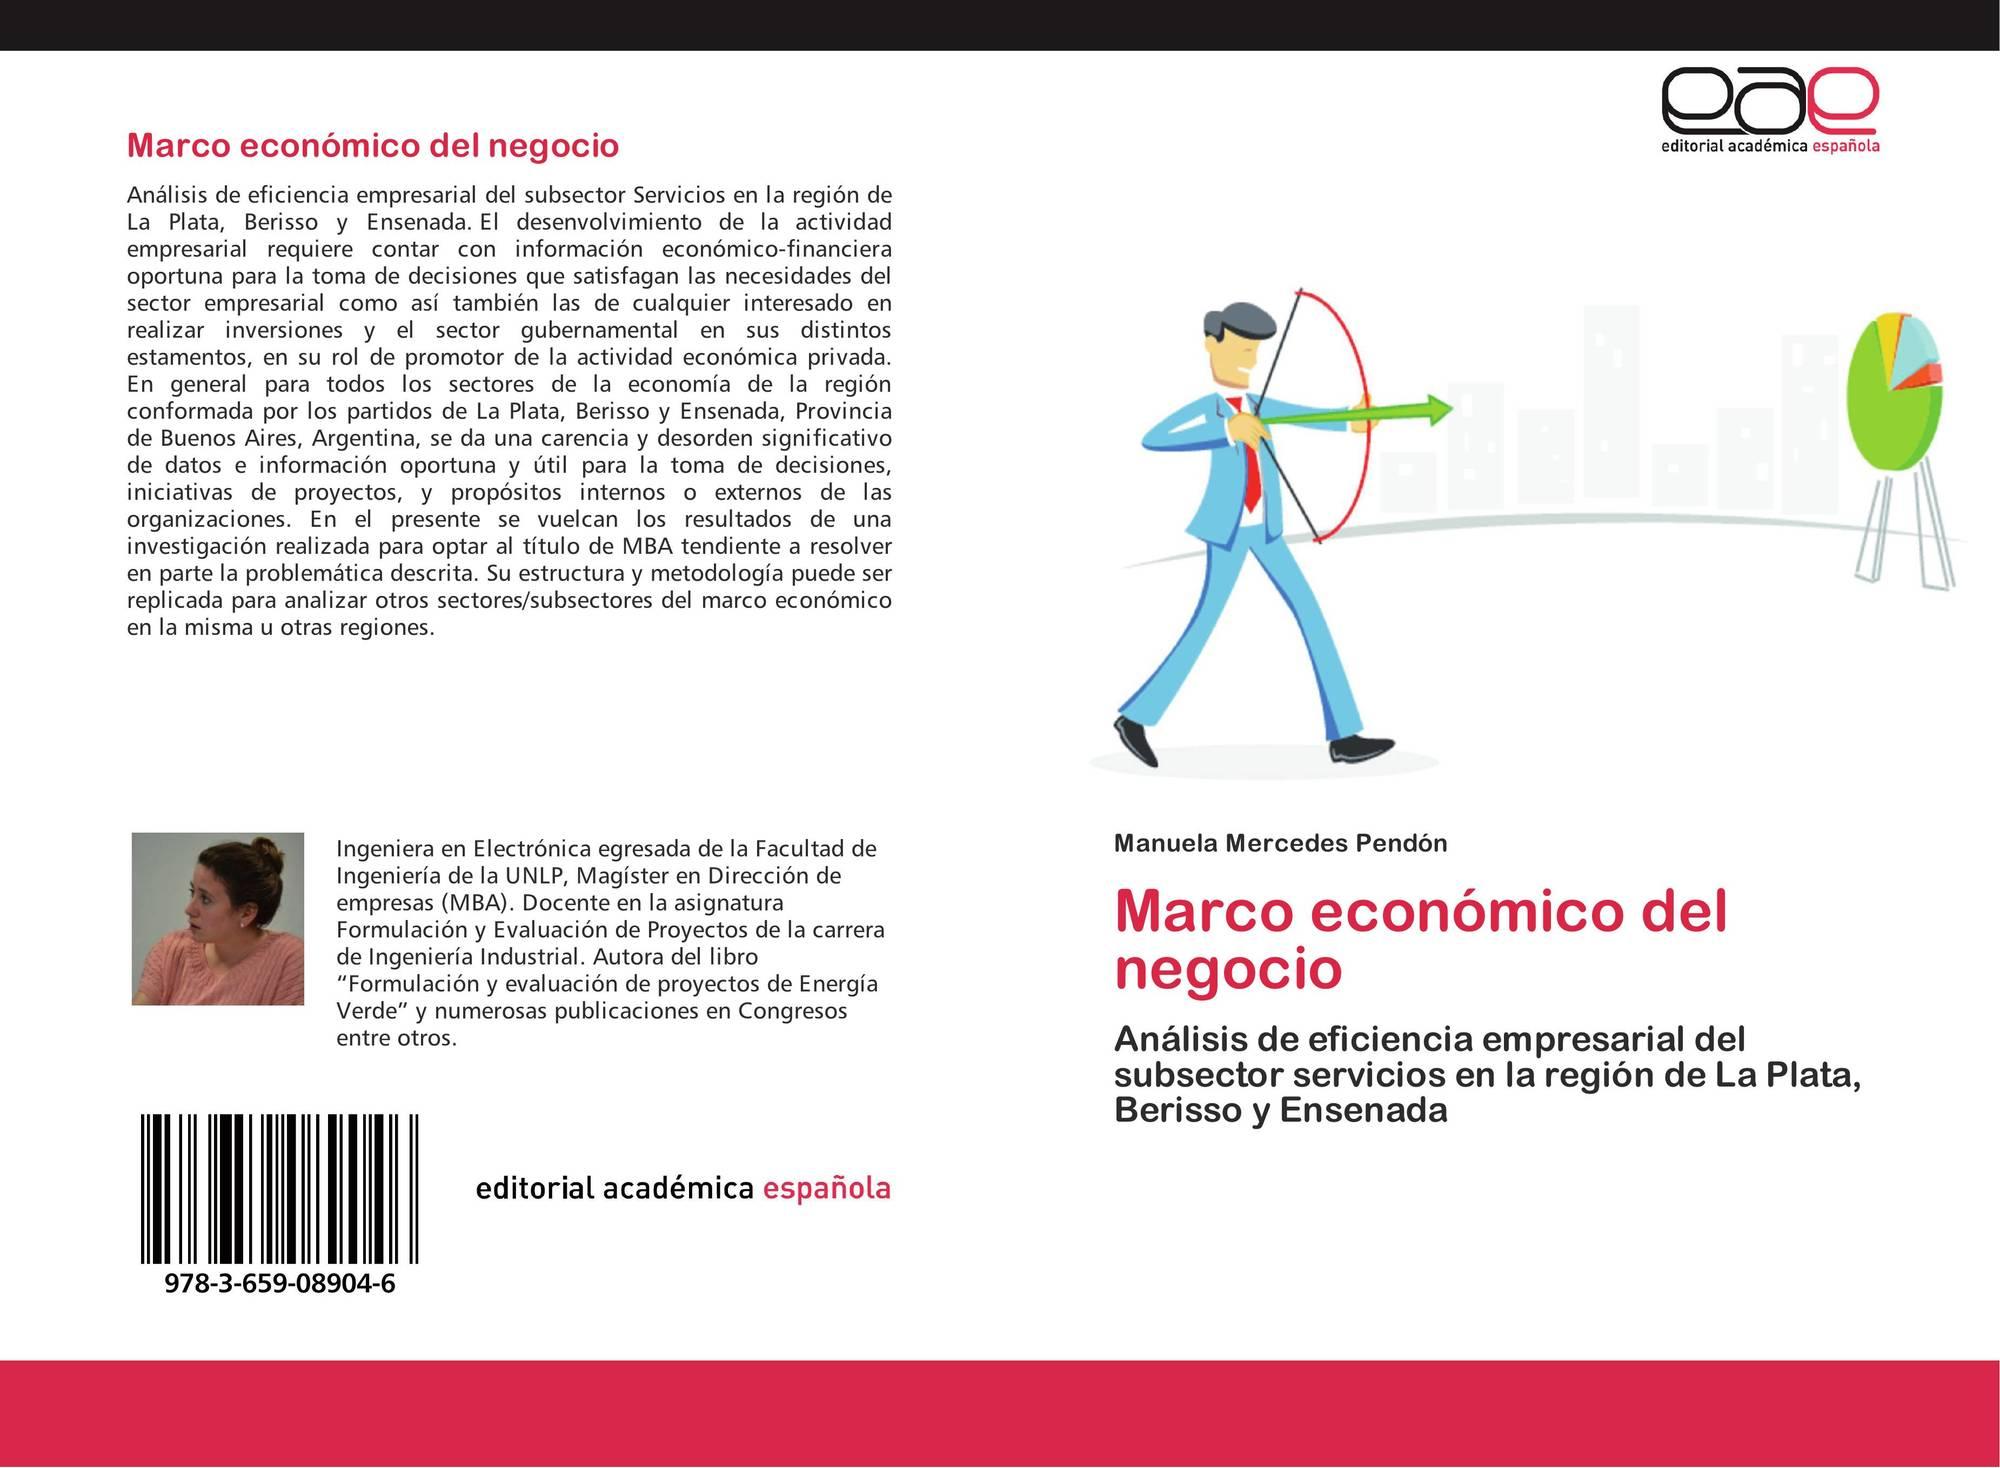 Marco económico del negocio, 978-3-659-08904-6, 3659089044 ...